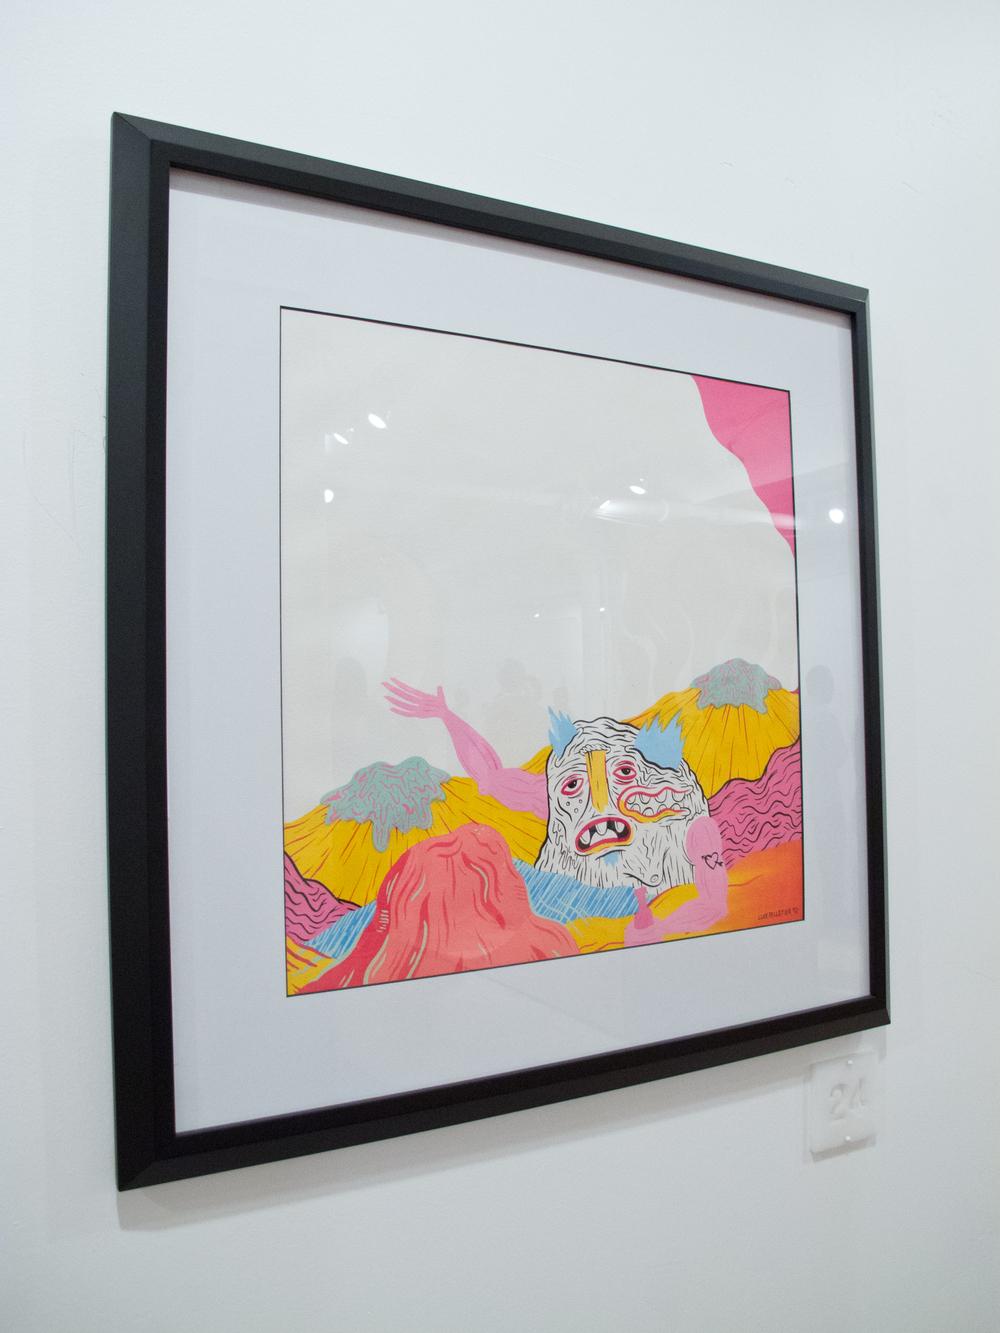 Art by Curator Luke Pelletier